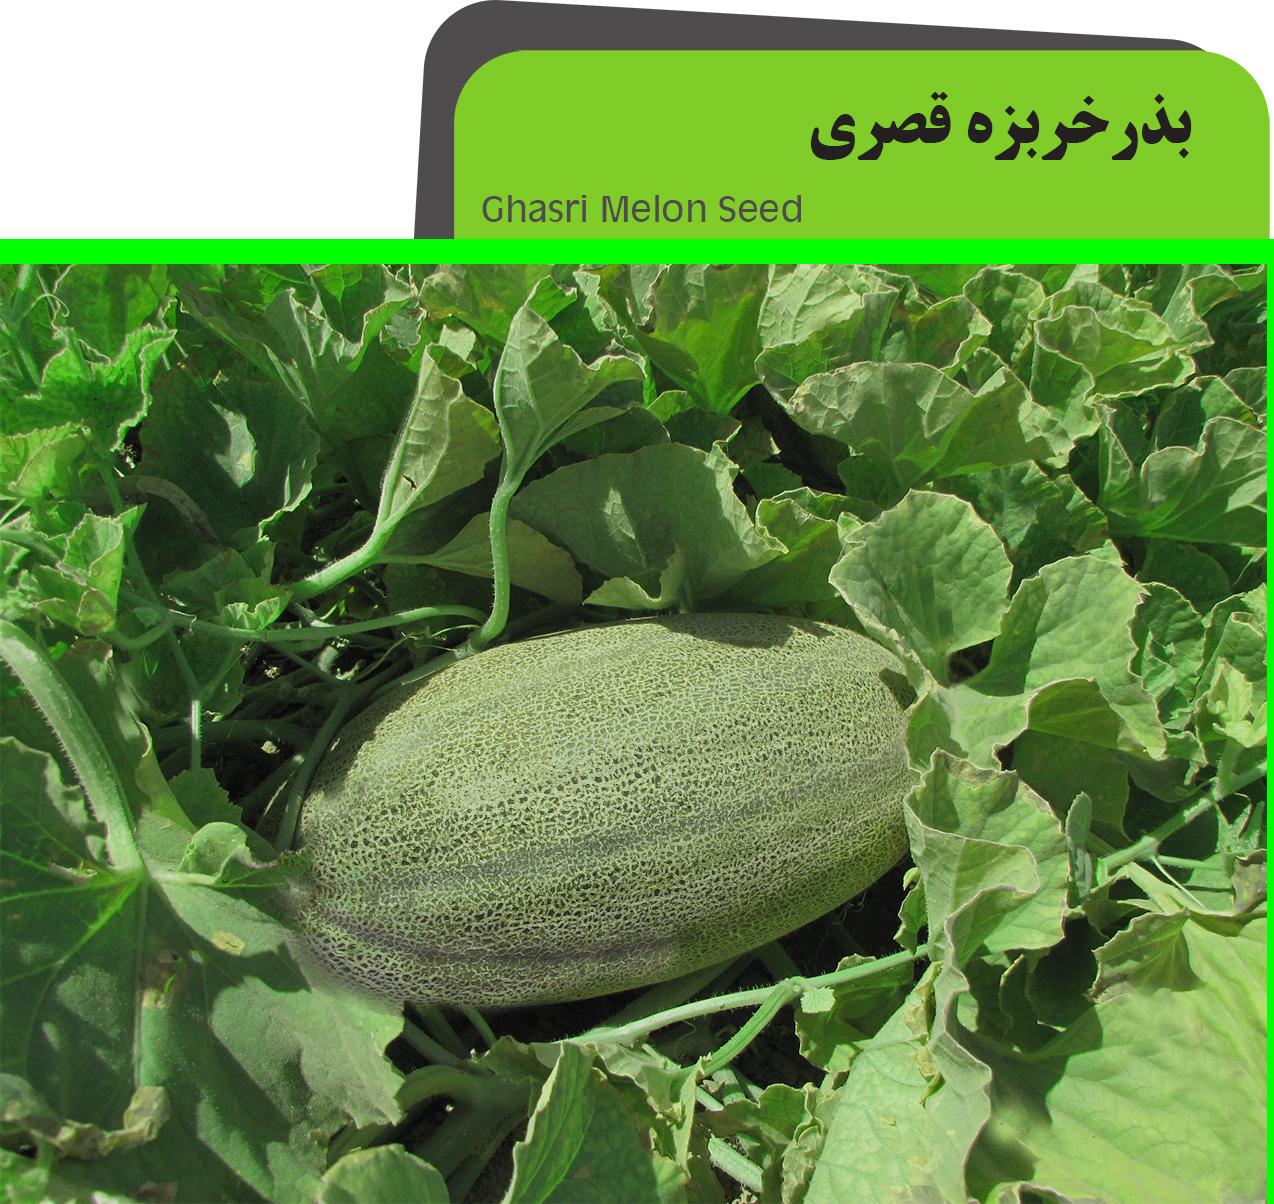 Ghasri Melon Seed